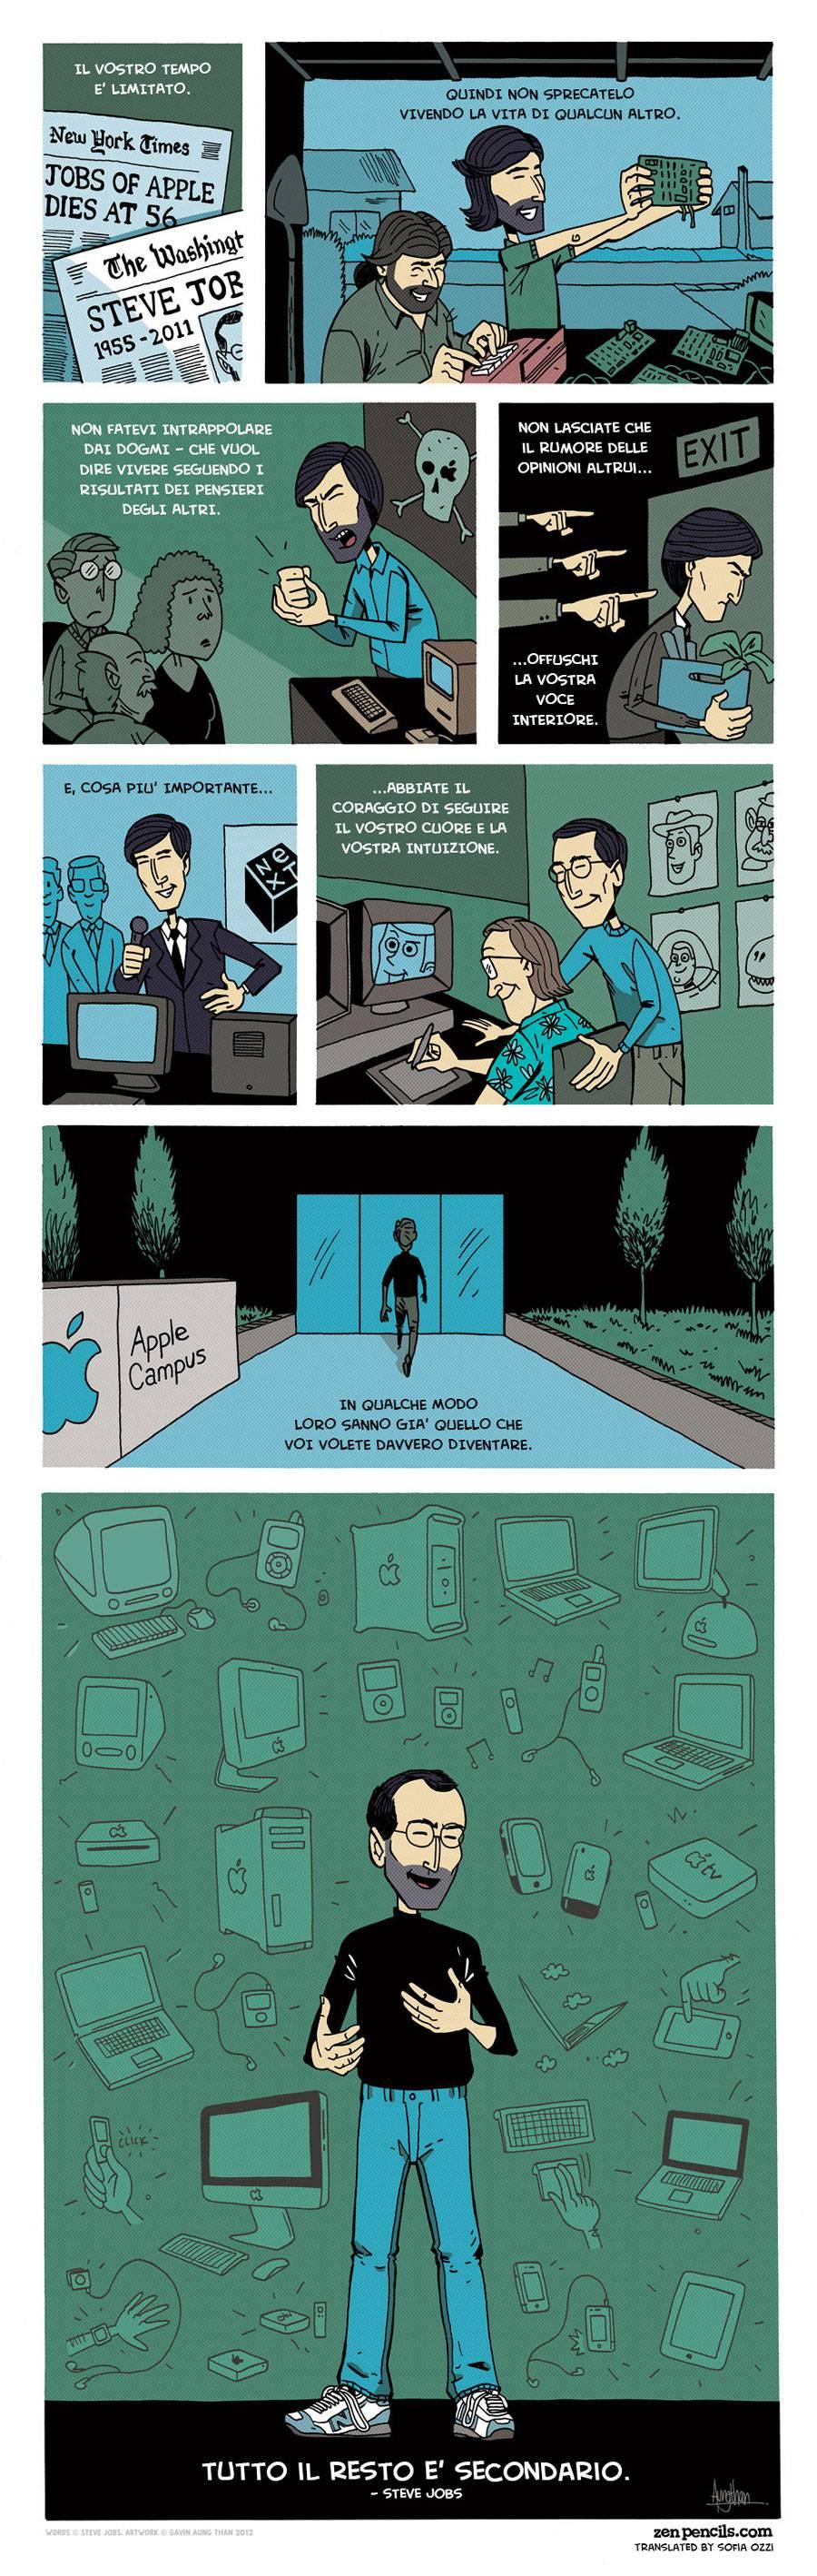 vignetta zen pencils su steve jobs